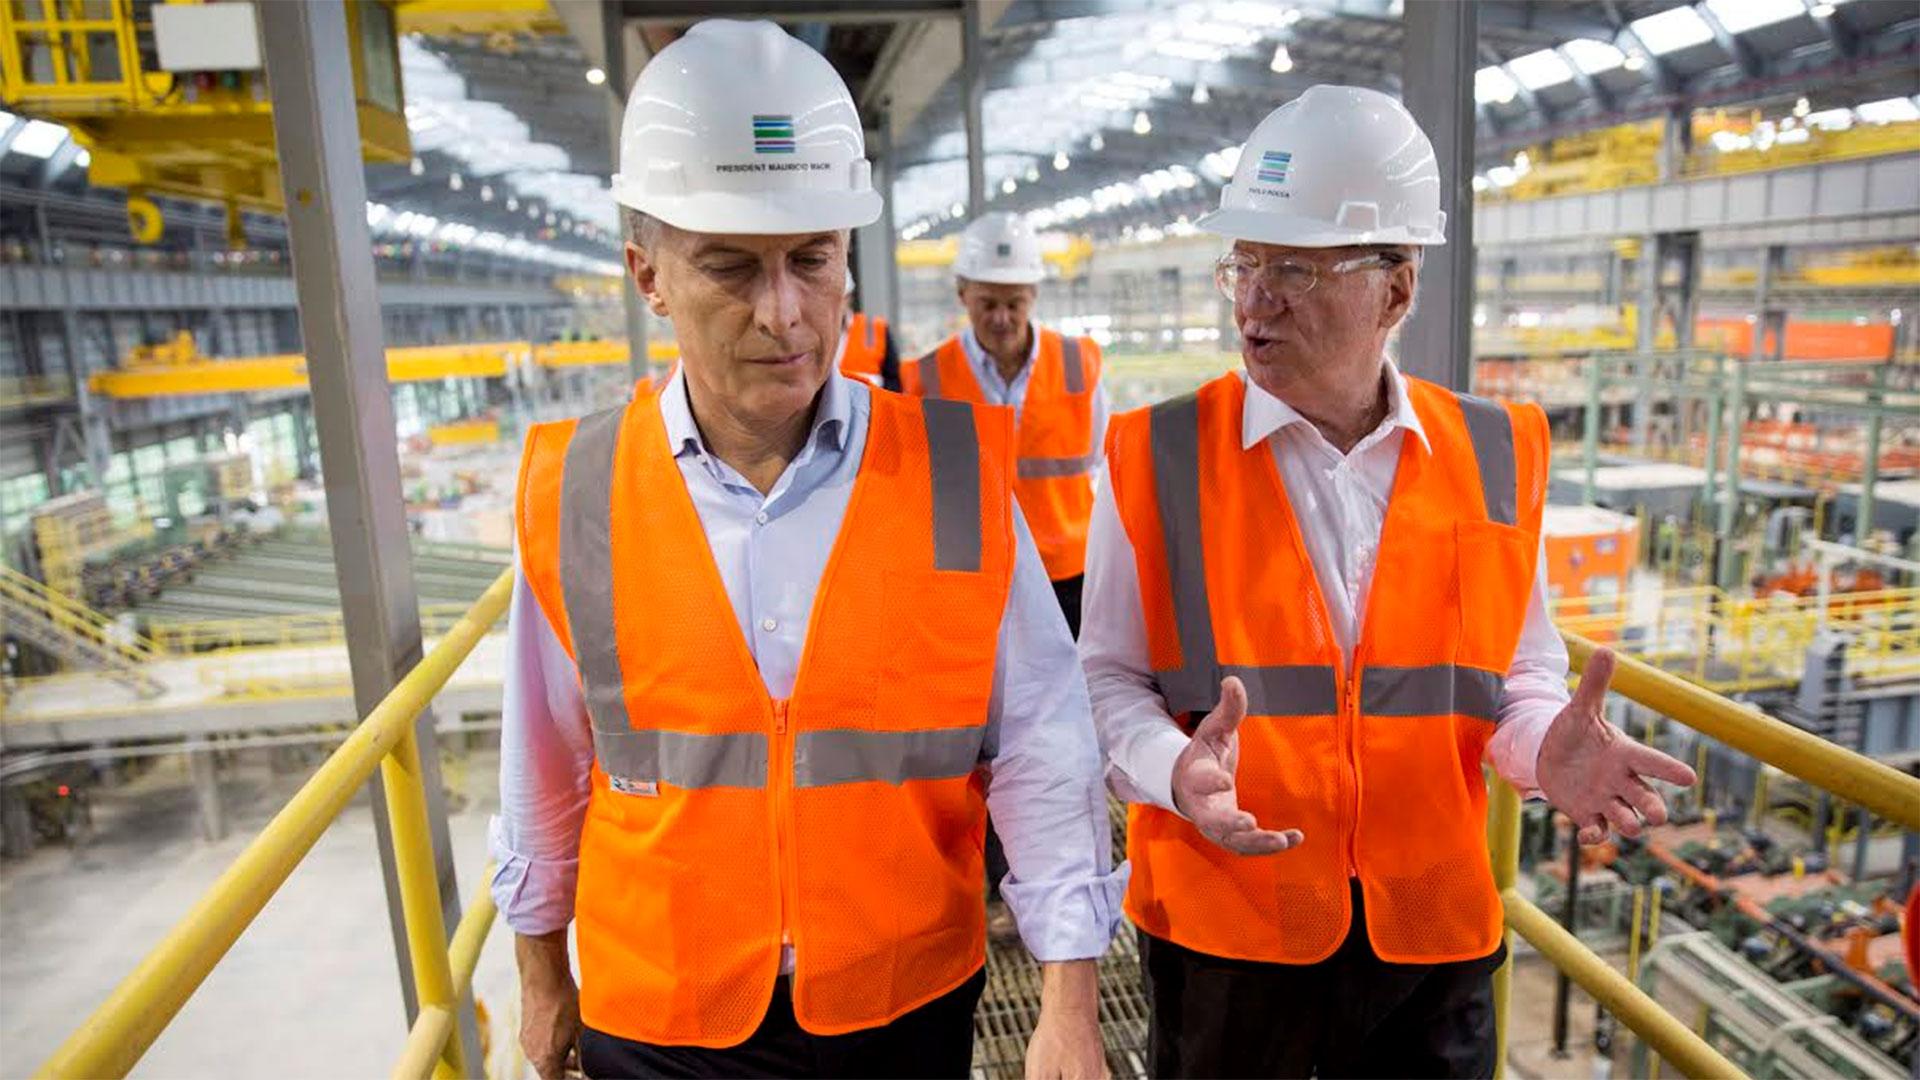 En 2017, el presidente Macri vistó visitó con Rocca una planta de Tenaris, otra de las empresas del grupo, en EEUU